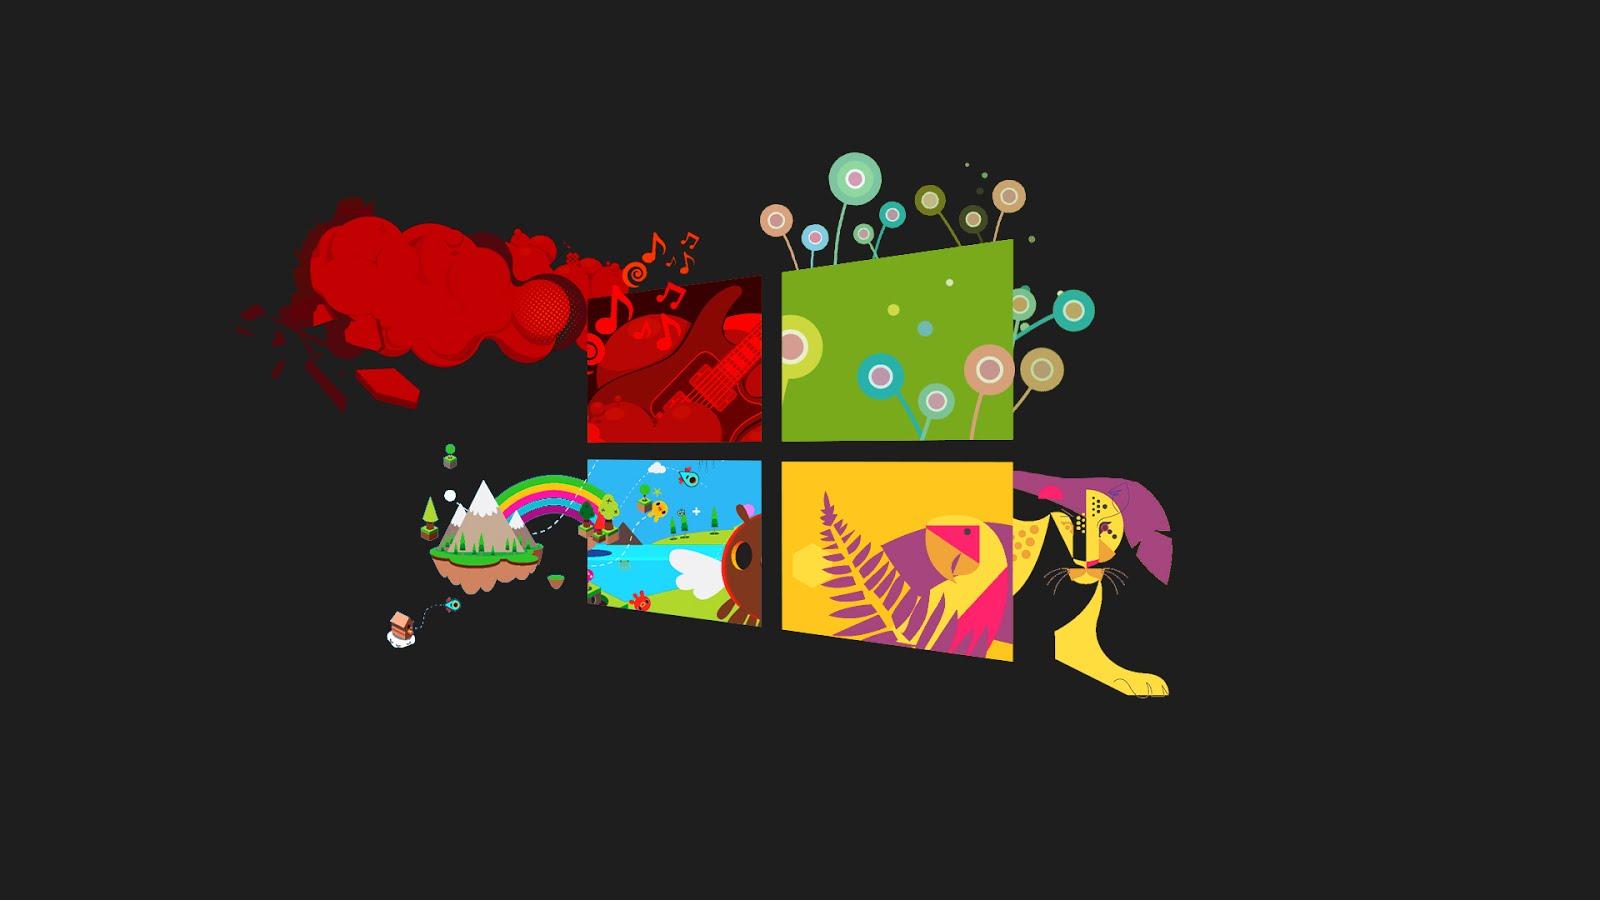 Wallpaper Hp Bergerak Cartoon Wallpaper For Windows 10 1600x900 Download Hd Wallpaper Wallpapertip